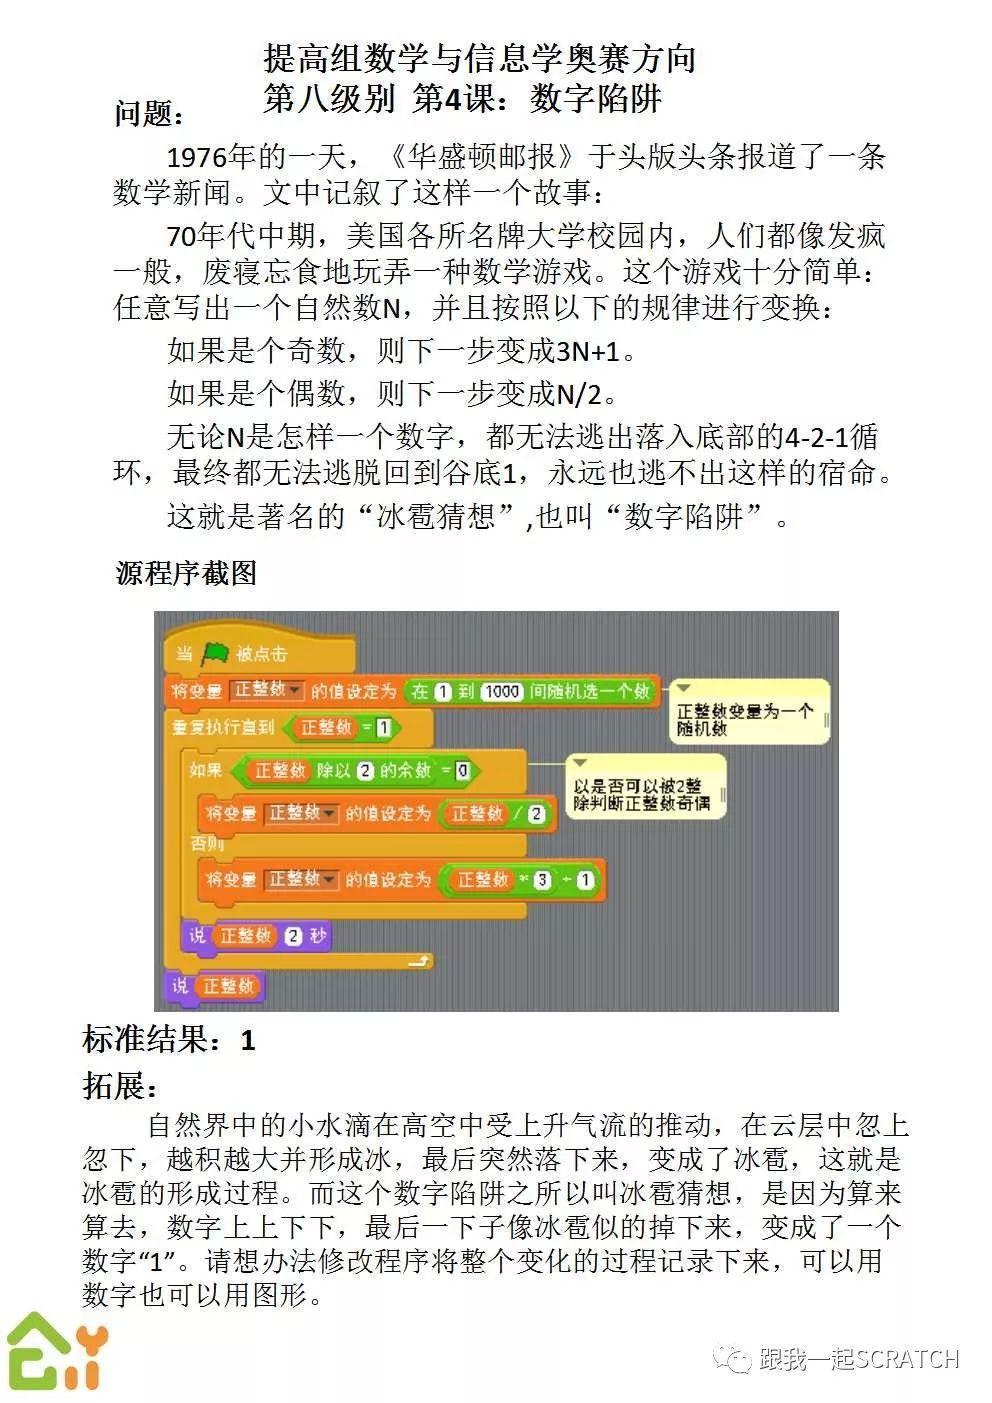 第二〇〇课 Scratch数学与信息学奥赛方向(二)